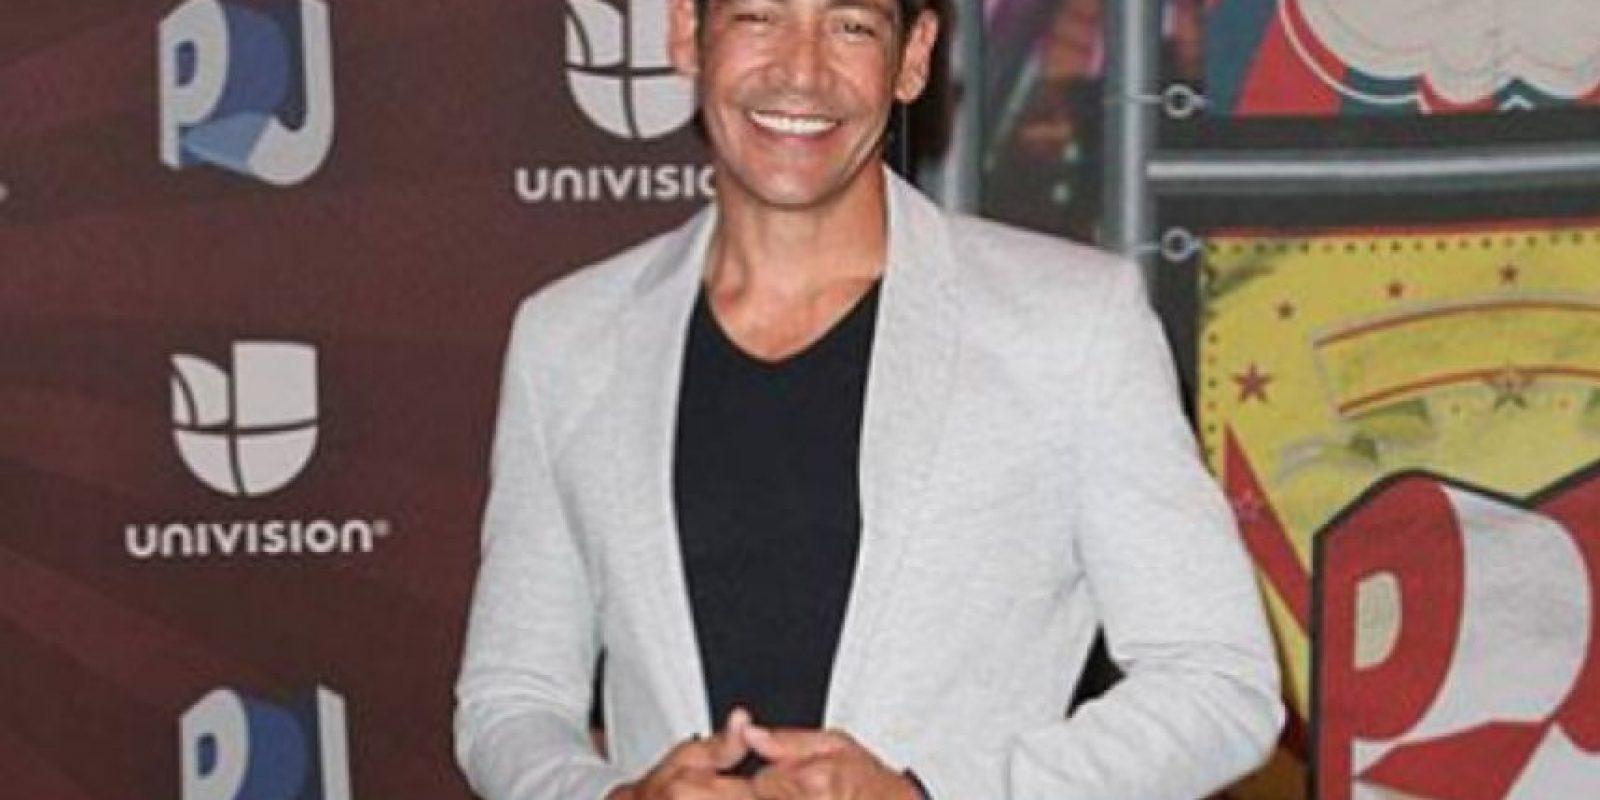 El presentador, actor y cantante siguió con su carrera. Tiene casi 200 mil seguidores en Twitter. Foto:vía Getty Images